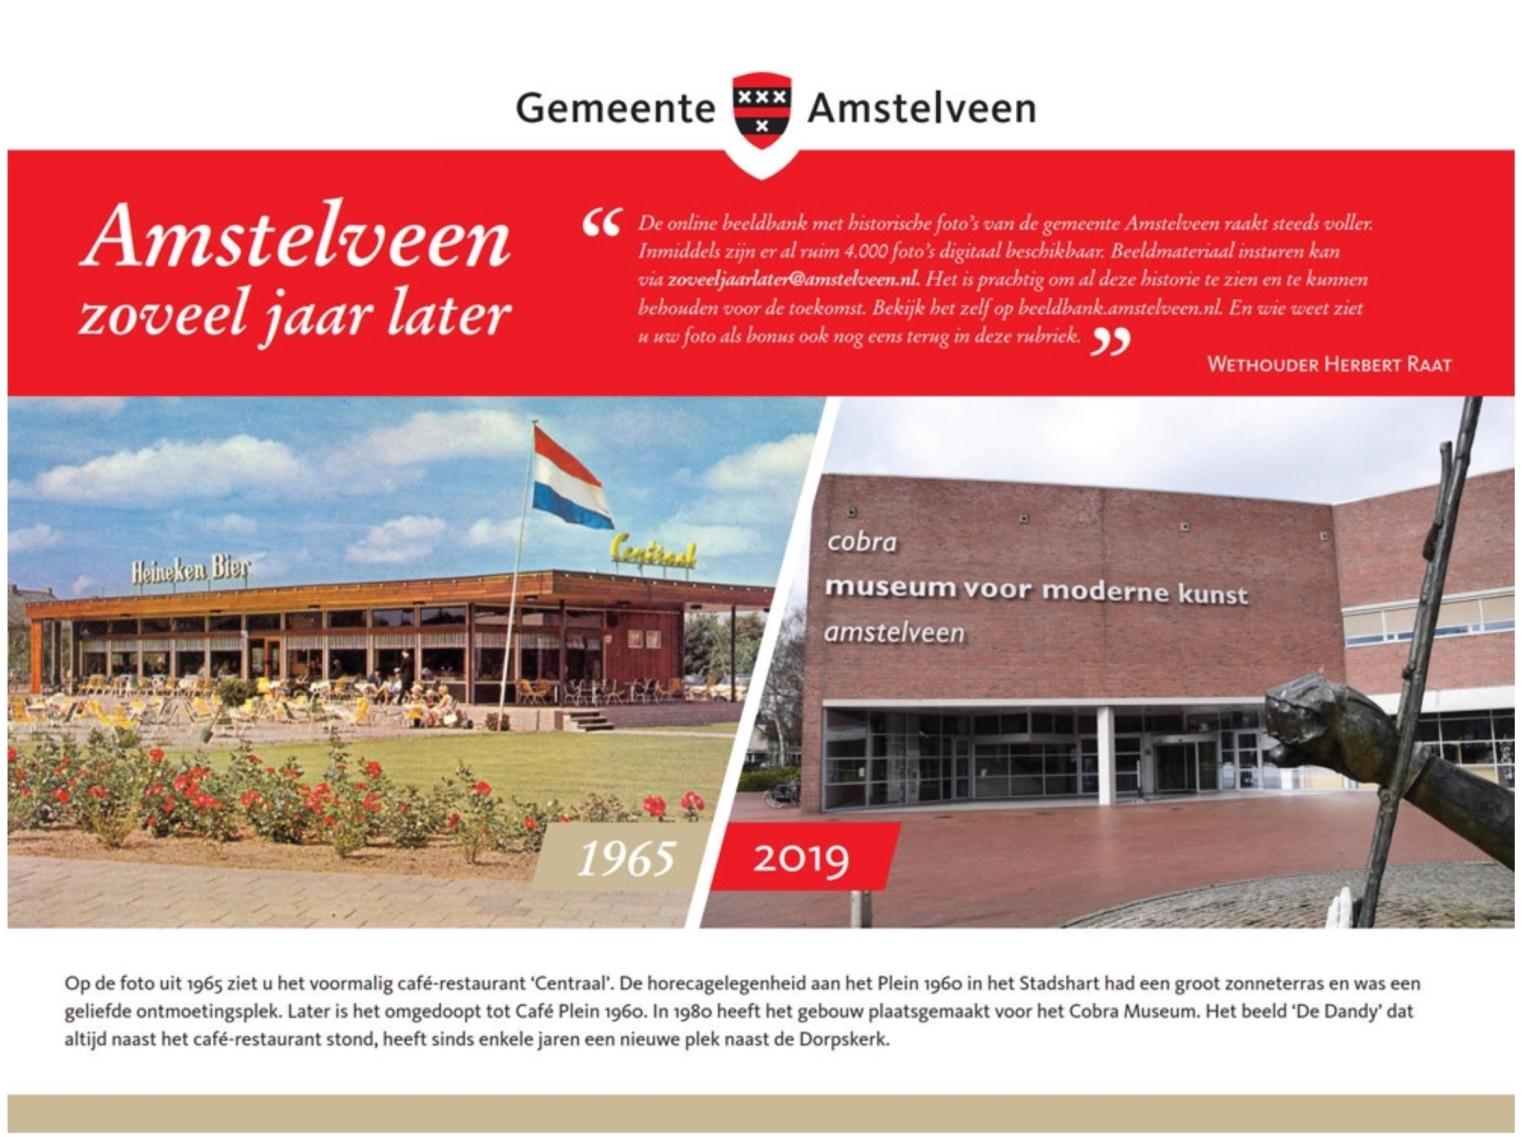 2017-Amstelveen zoveel jaar later Cobra museum